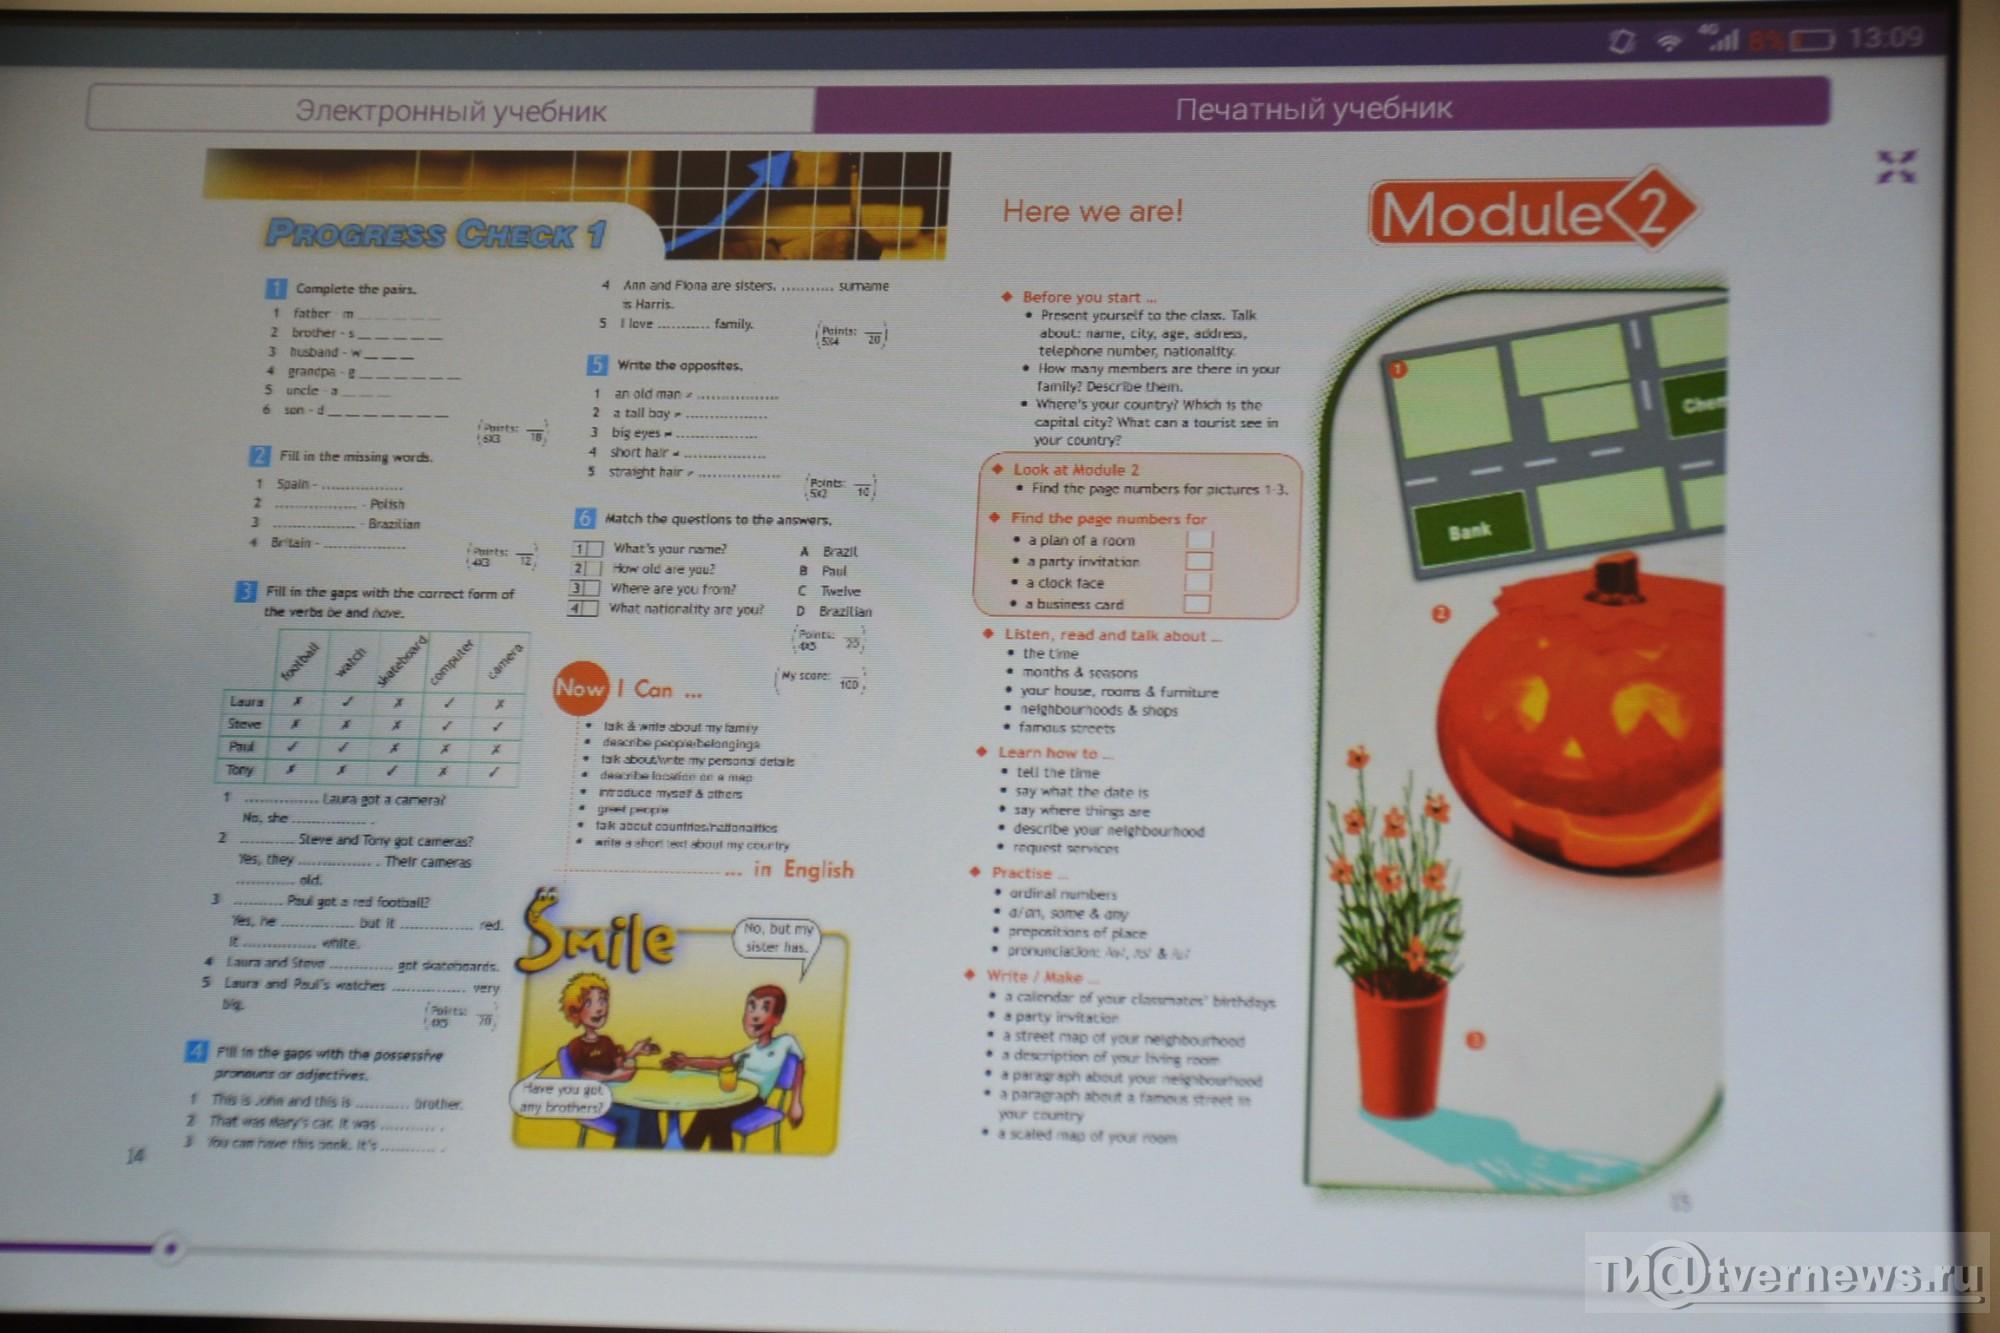 Электронные учебники 6 класса для планшетов